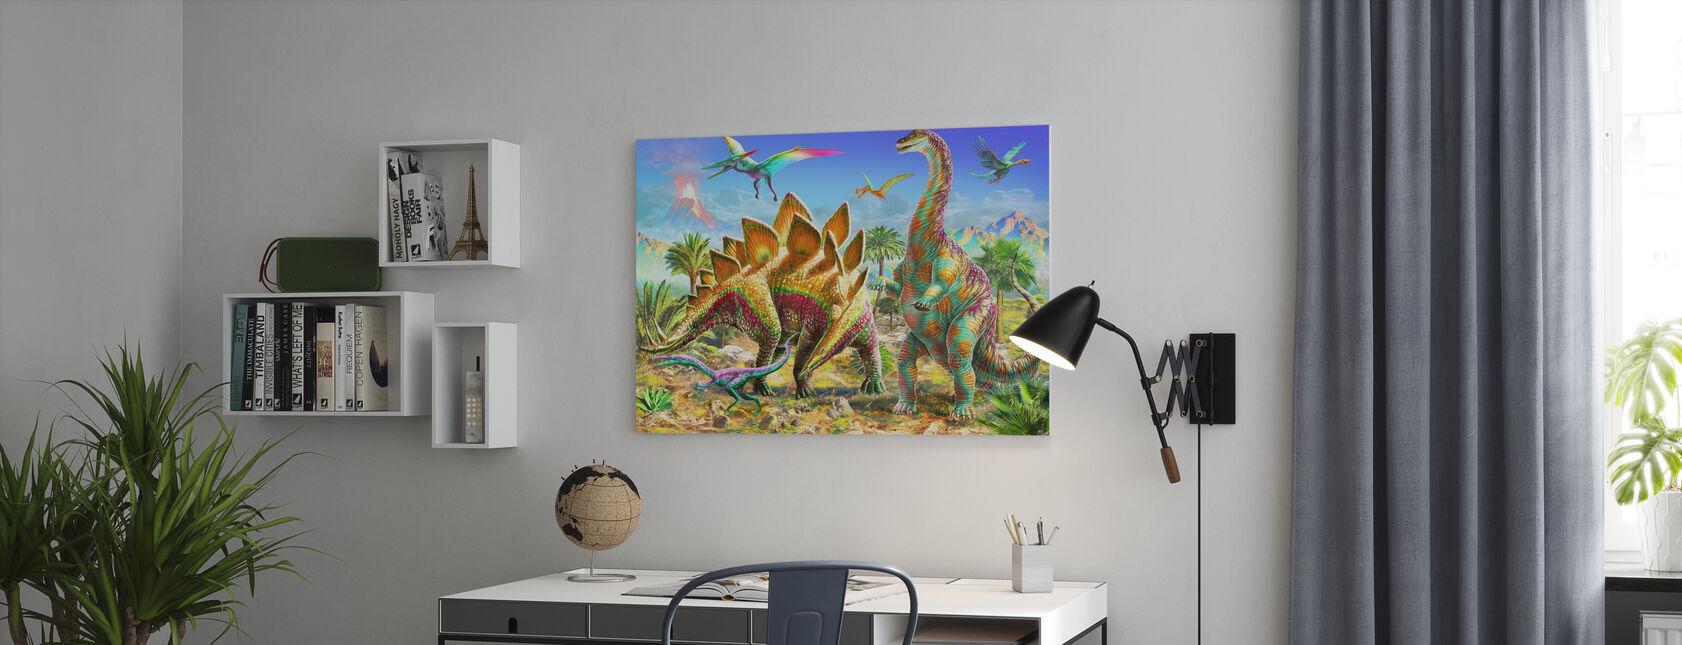 Dino dla dzieci - Obraz na płótnie - Biuro